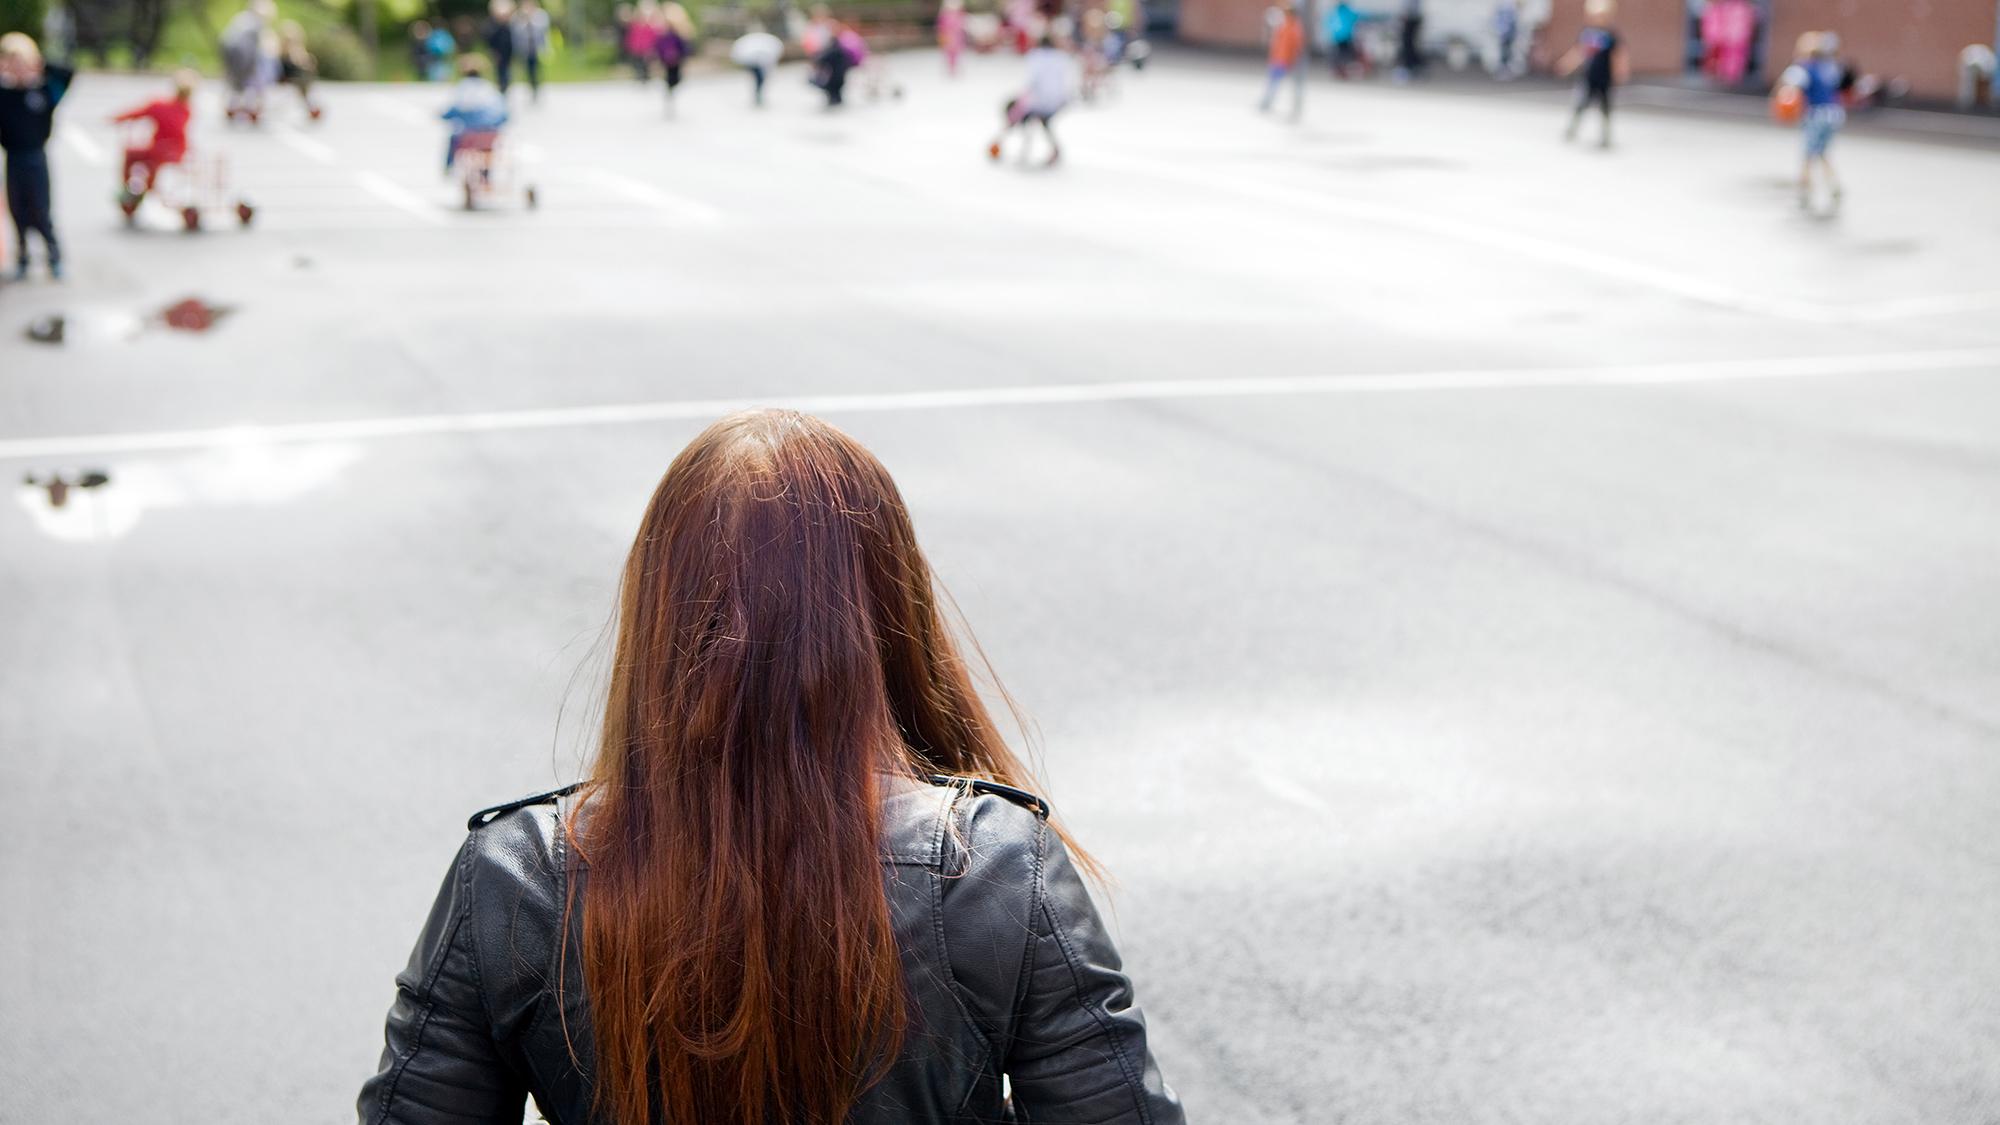 Studi: Takut pada Perubahan Iklim Dapat Picu Depresi pada Remaja